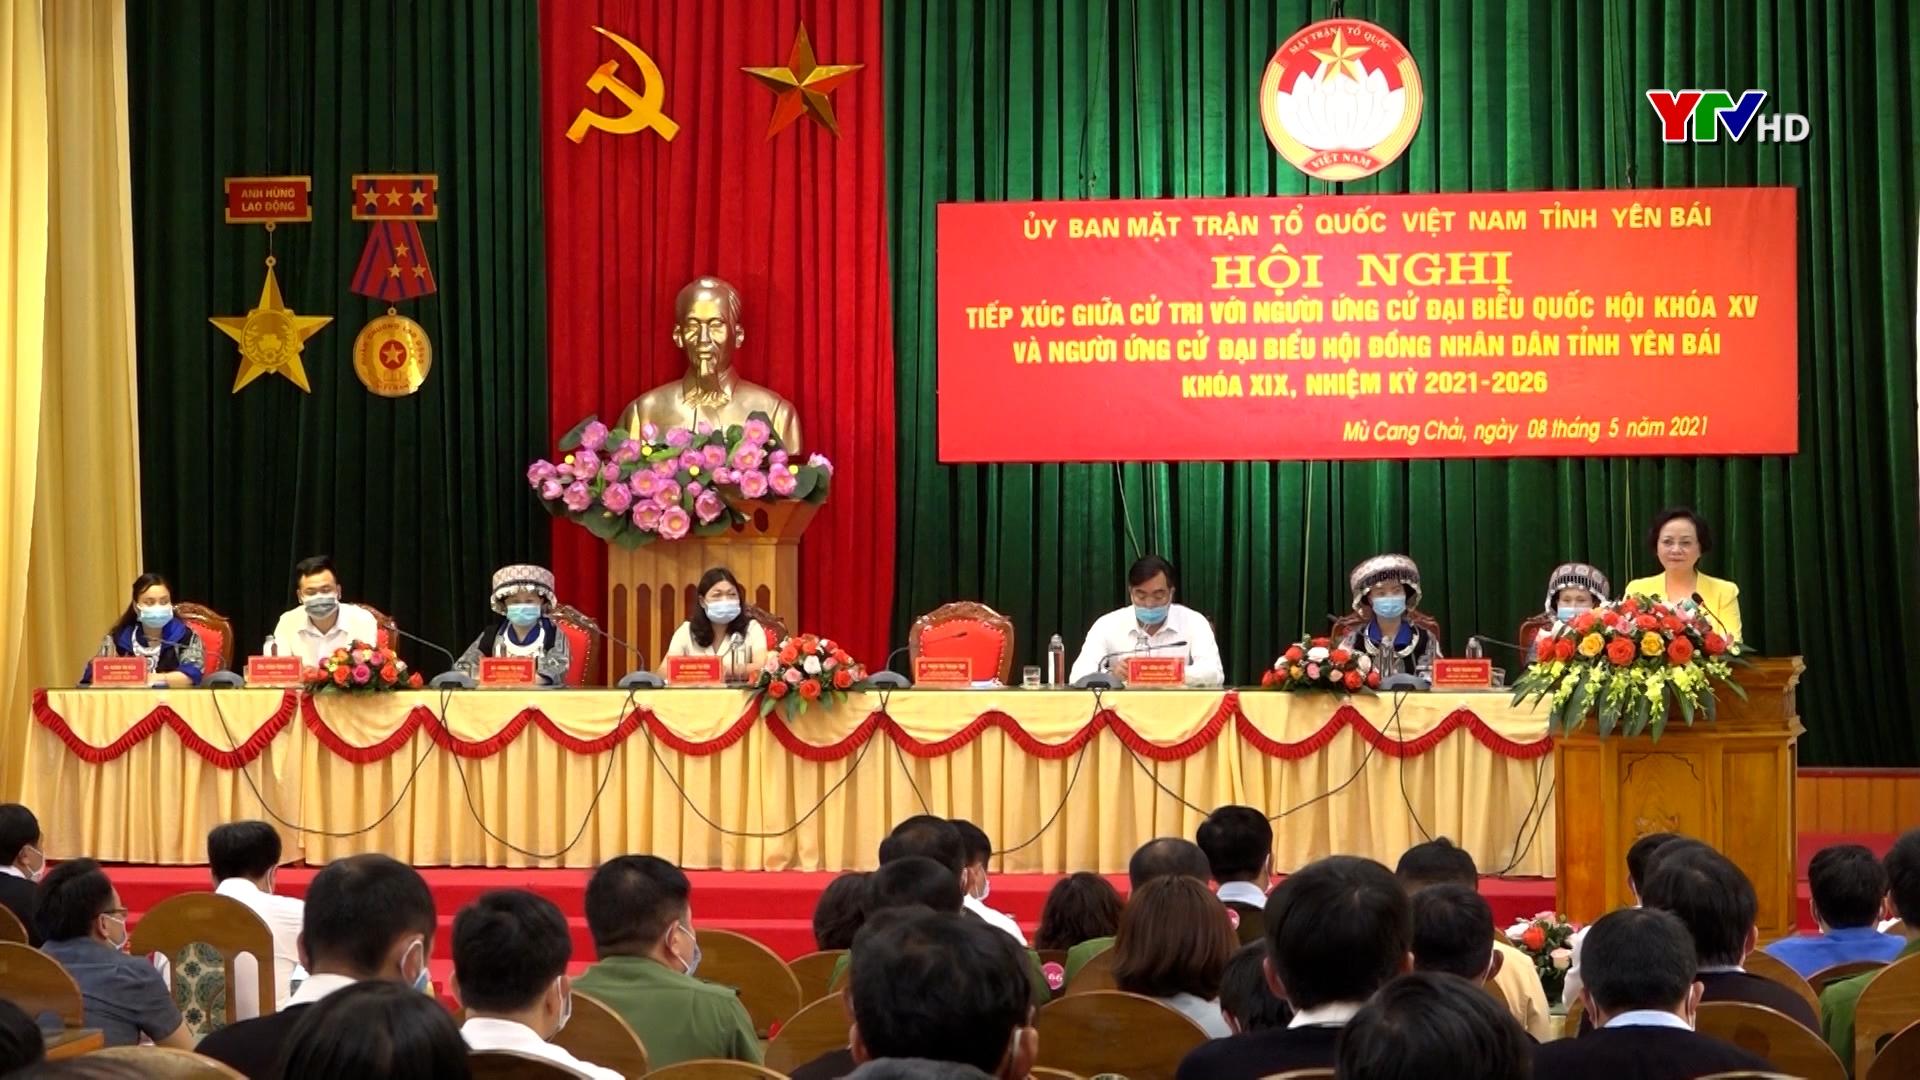 Hội nghị tiếp xúc cử tri tại huyện Mù Cang Chải